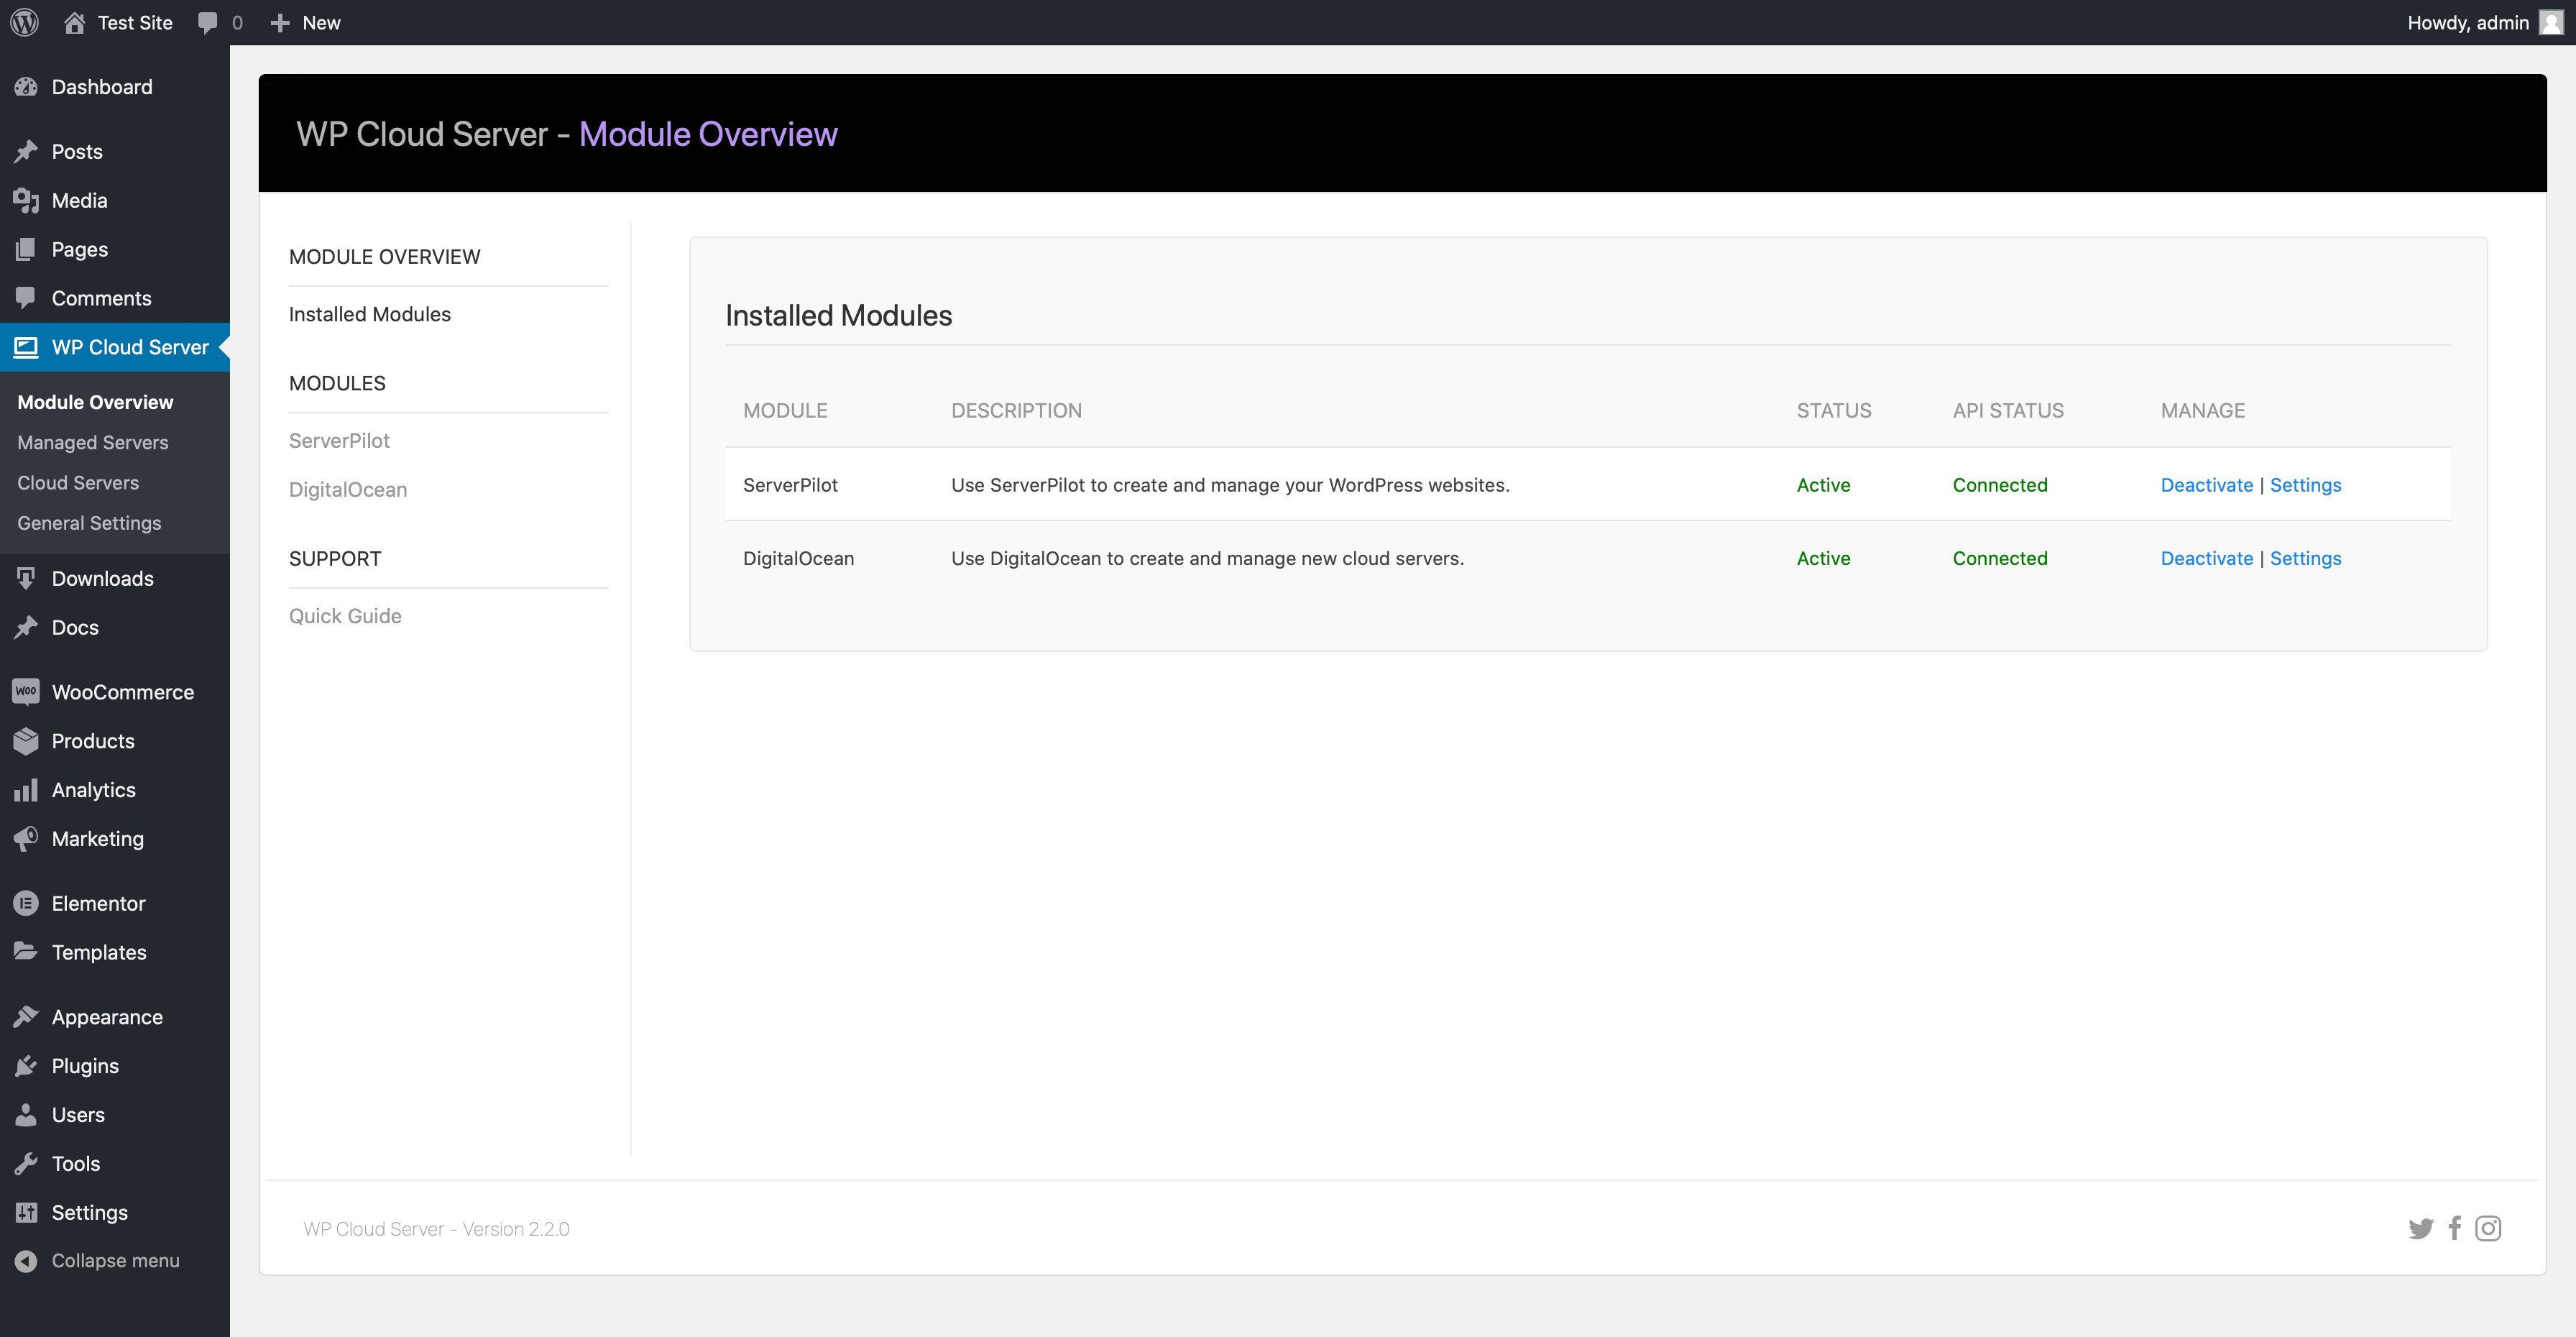 WP Cloud Server Module Overview